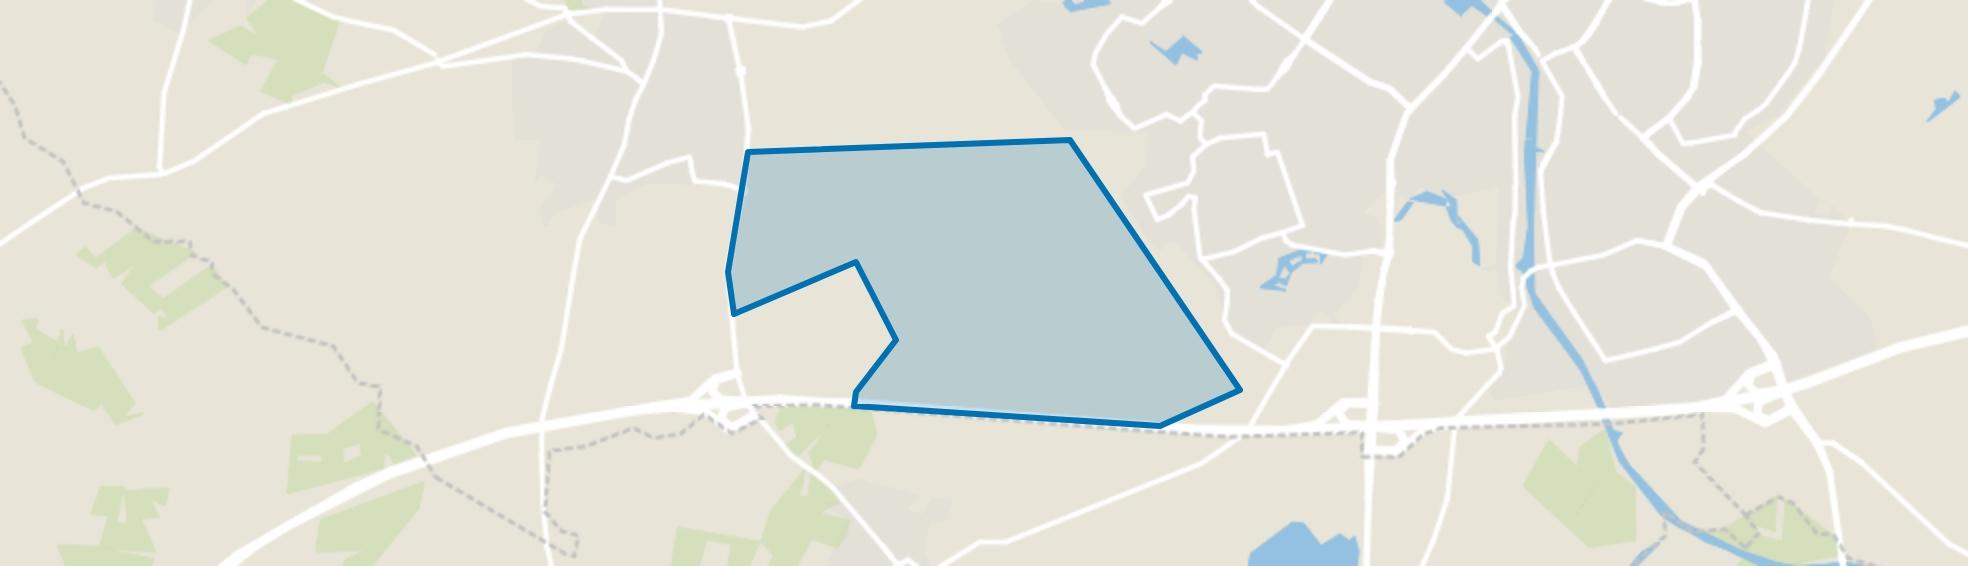 Wehl-Zuidoost, Wehl map